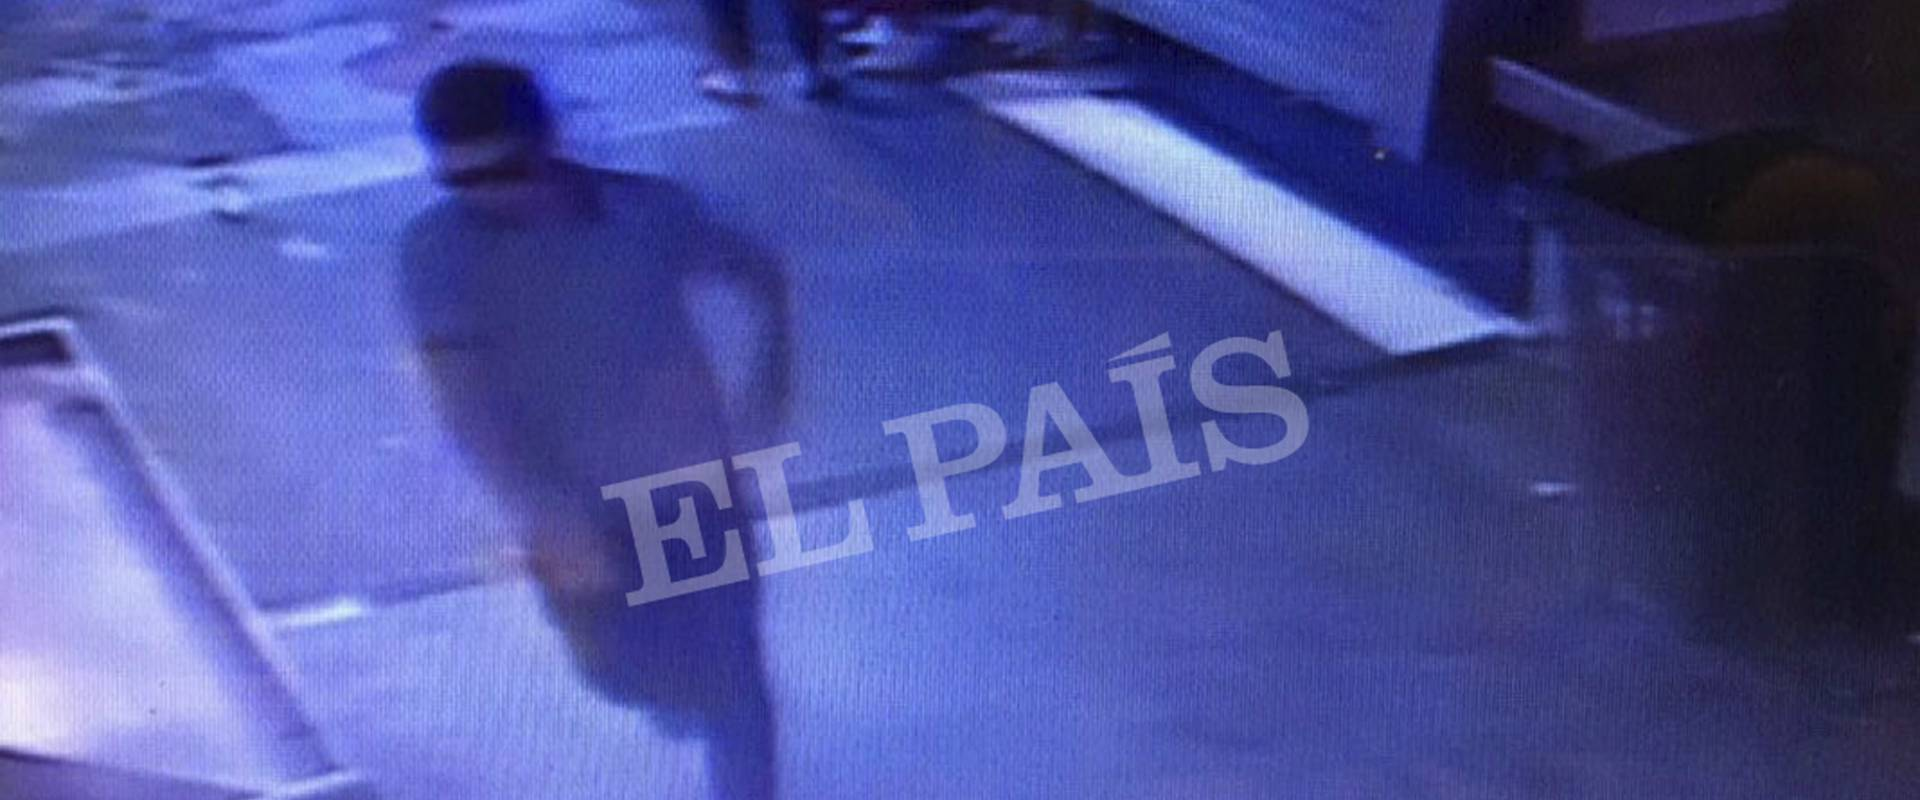 המחבל כפי שתועד במצלמות האבטחה בברצלונה